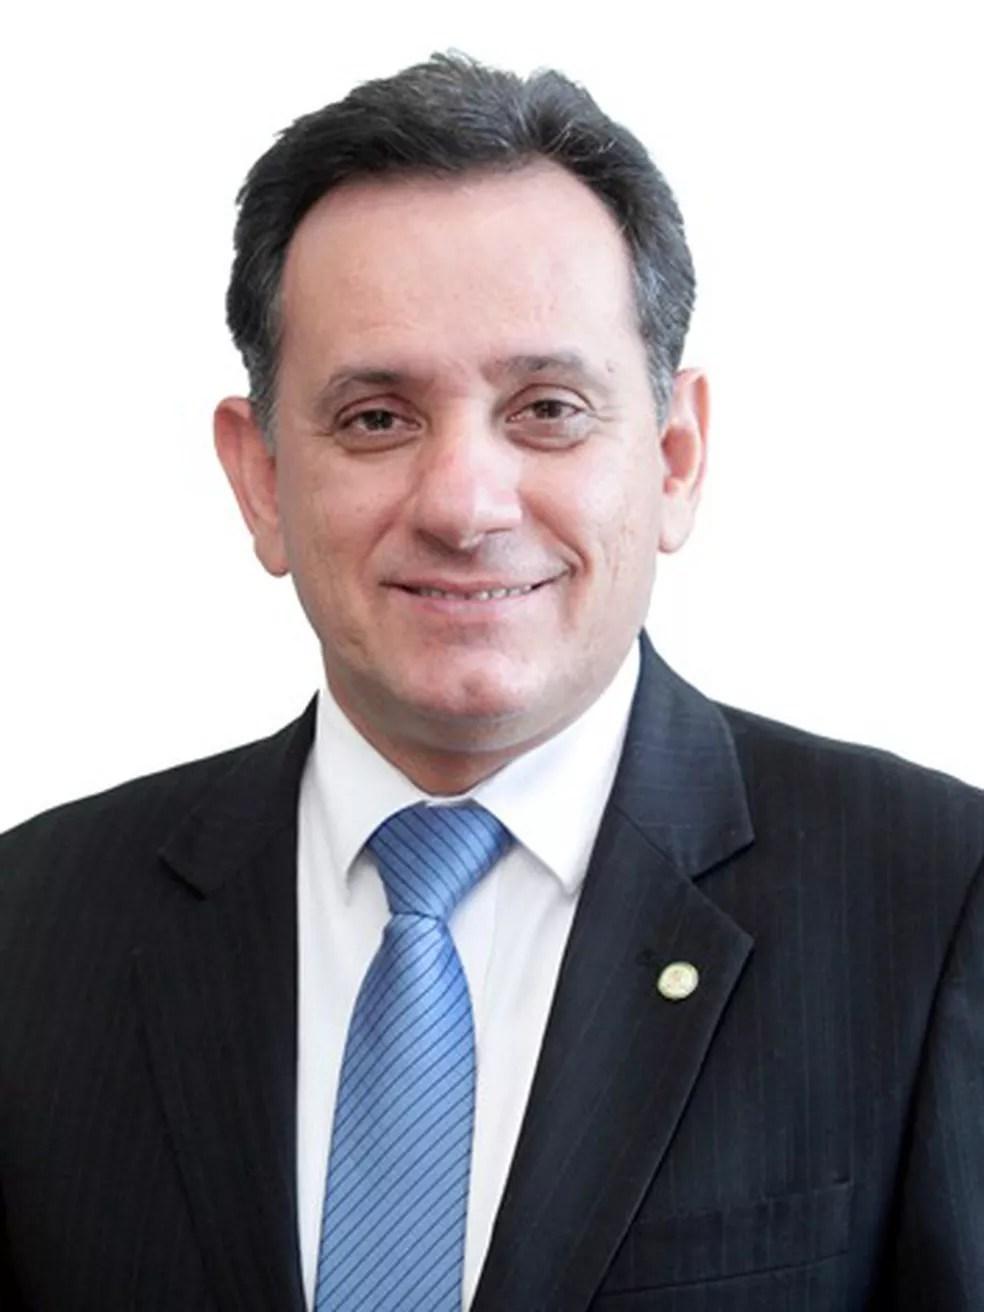 Nilson Leitão, candidato ao Senado — Foto: Câmara dos Deputados/Divulgação